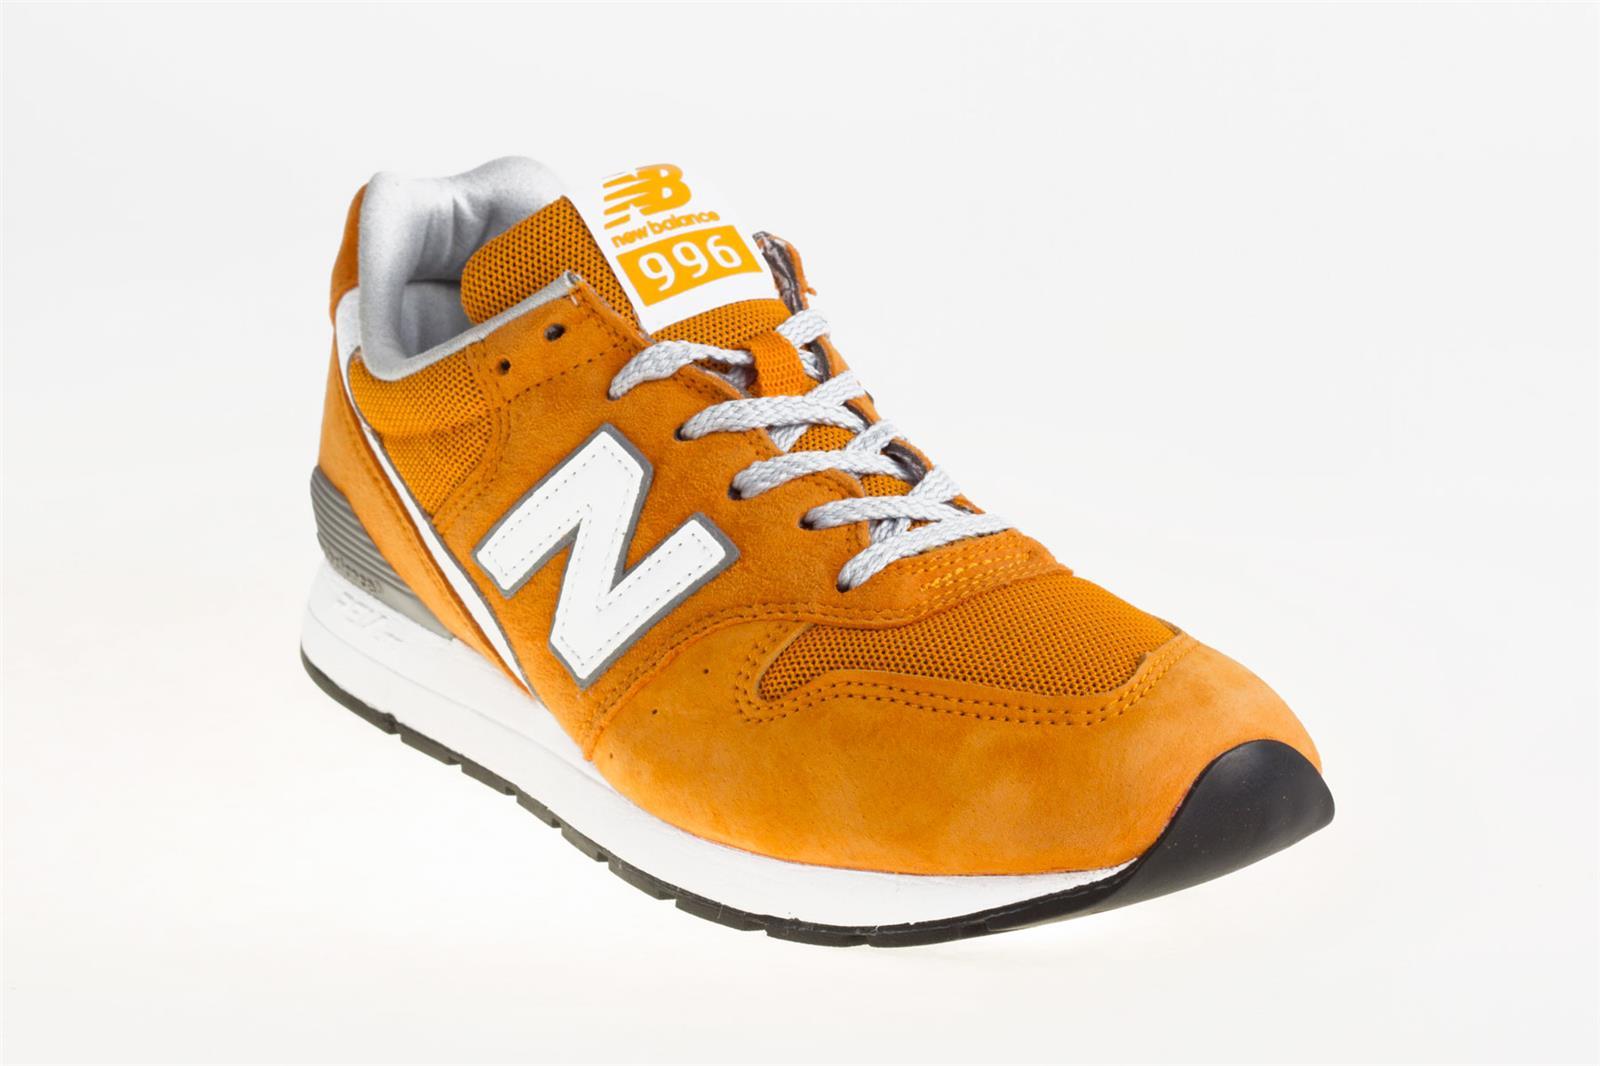 new balance 996 uomo orange